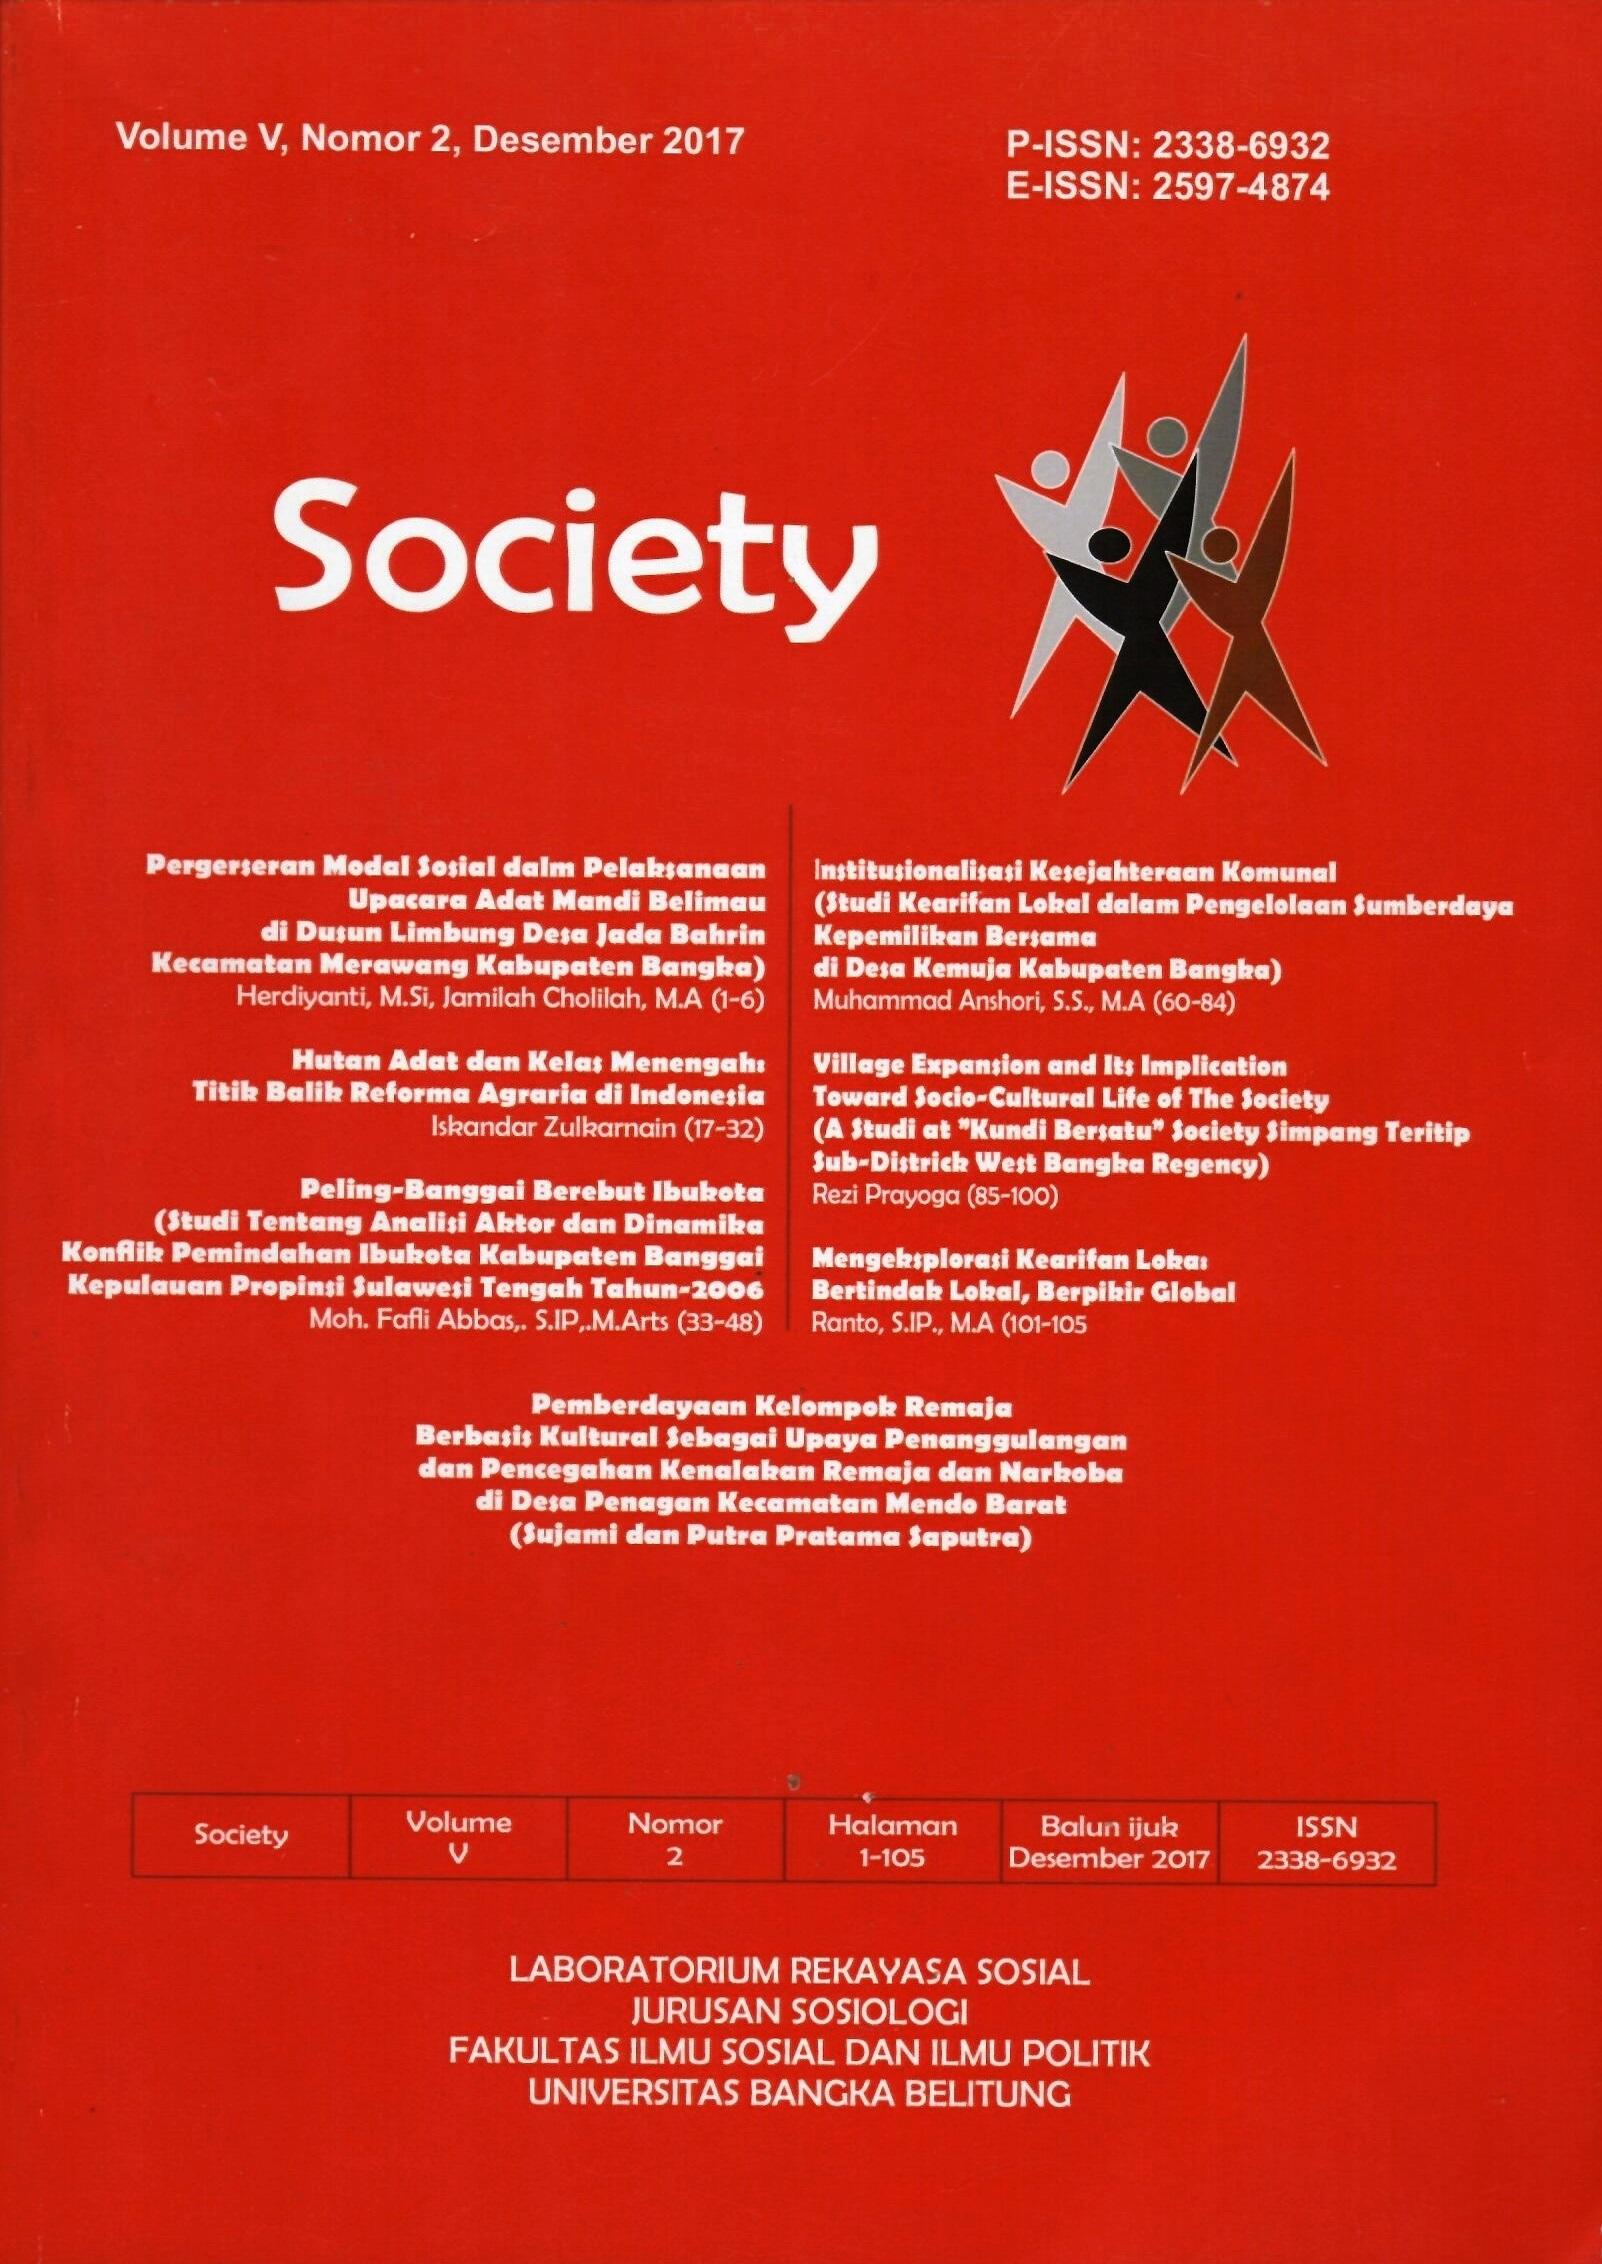 Jurnal Society Volume 5 Nomor 2#Desember 2017